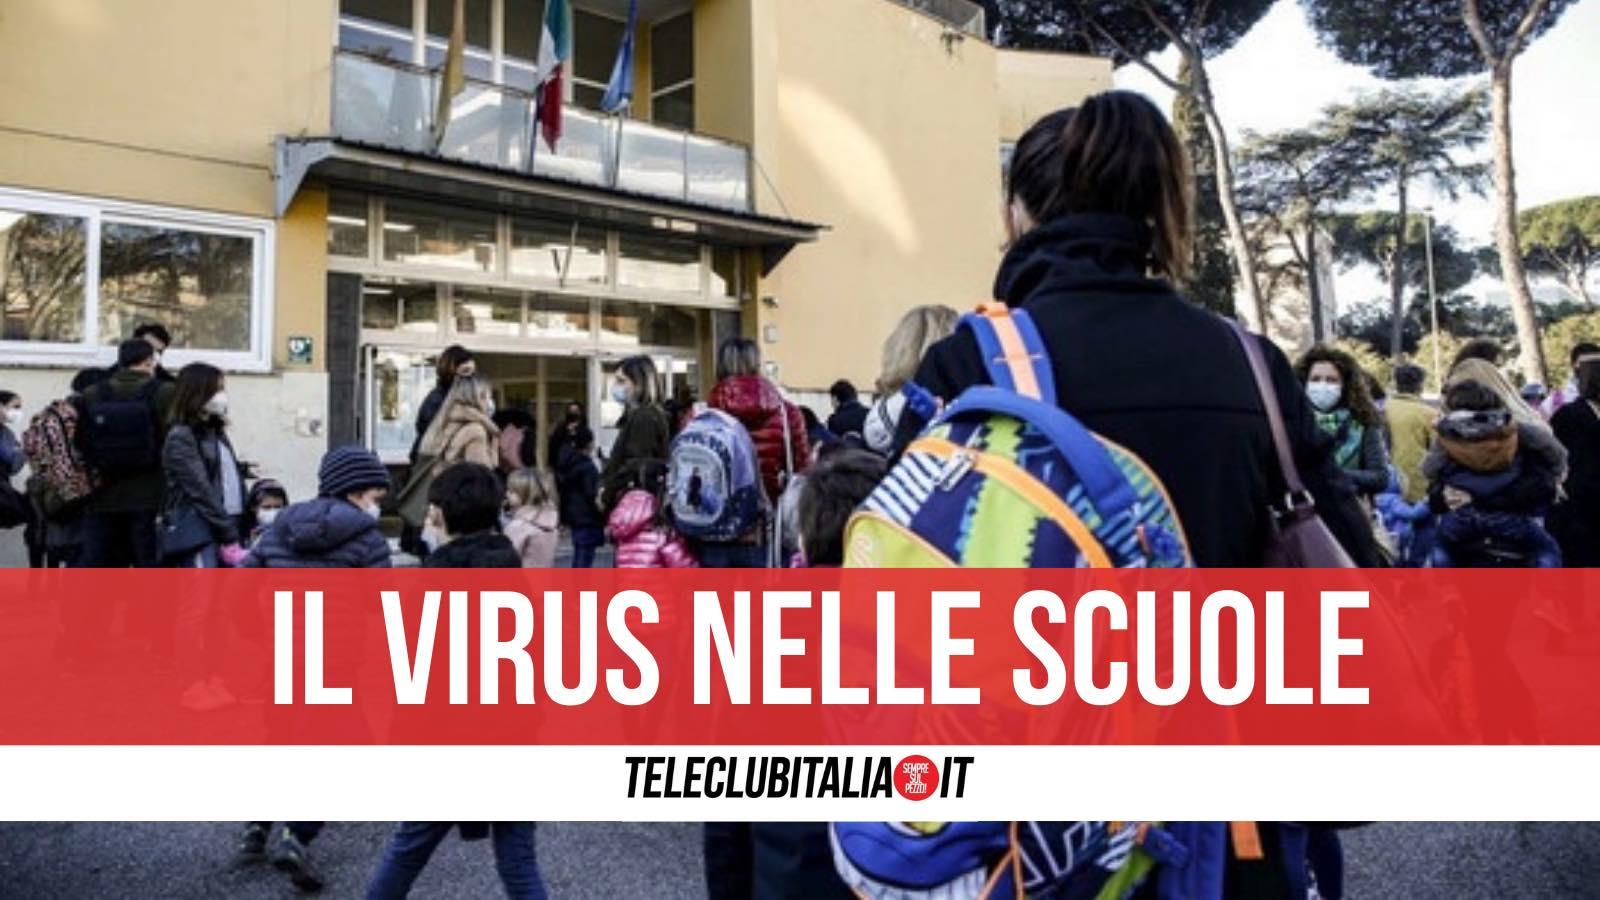 marcianise capodrise virus scuole quarantena